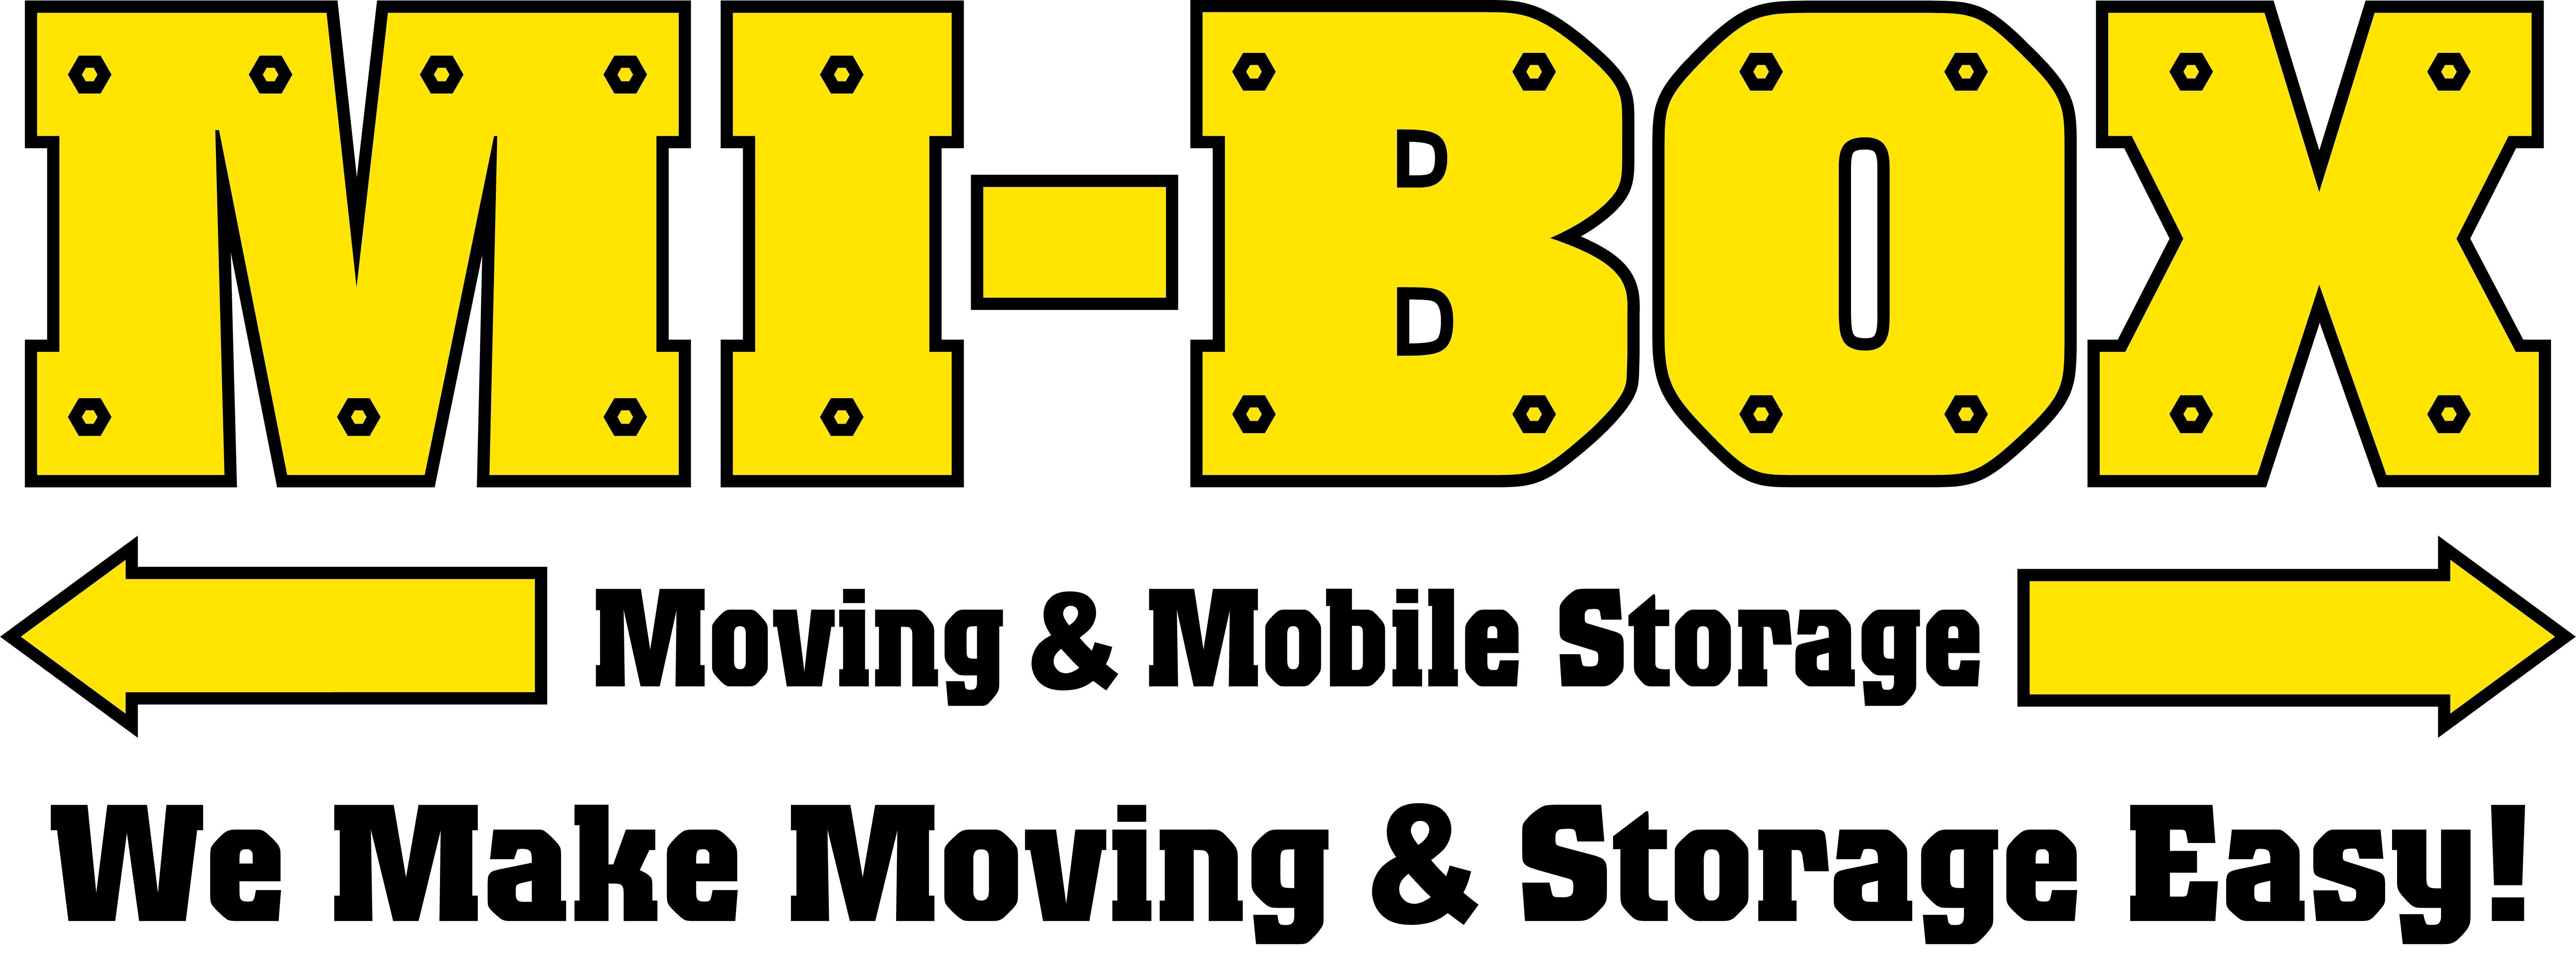 01-MIBOX---Slogan-Small-w6680.jpg